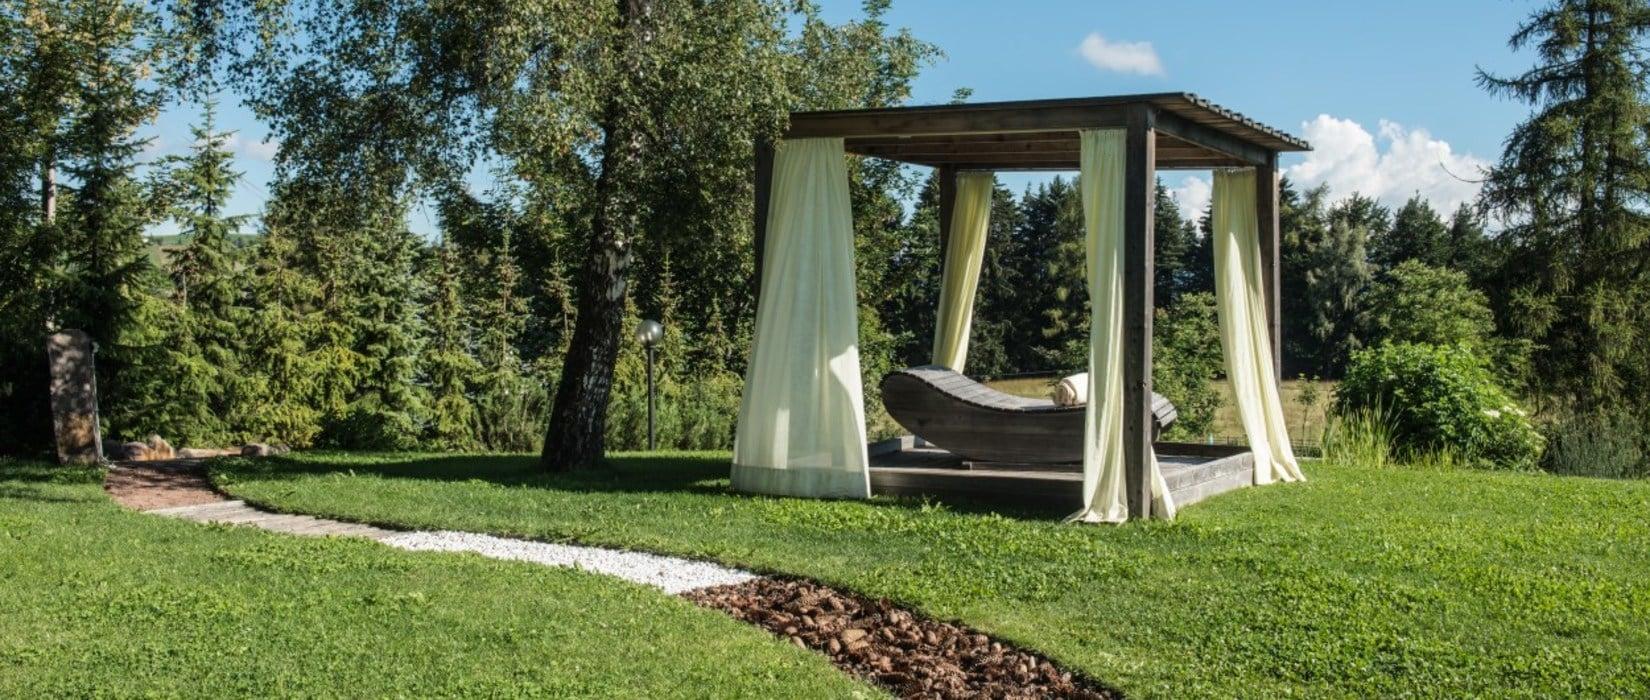 Escursioni e relax in Alto Adige